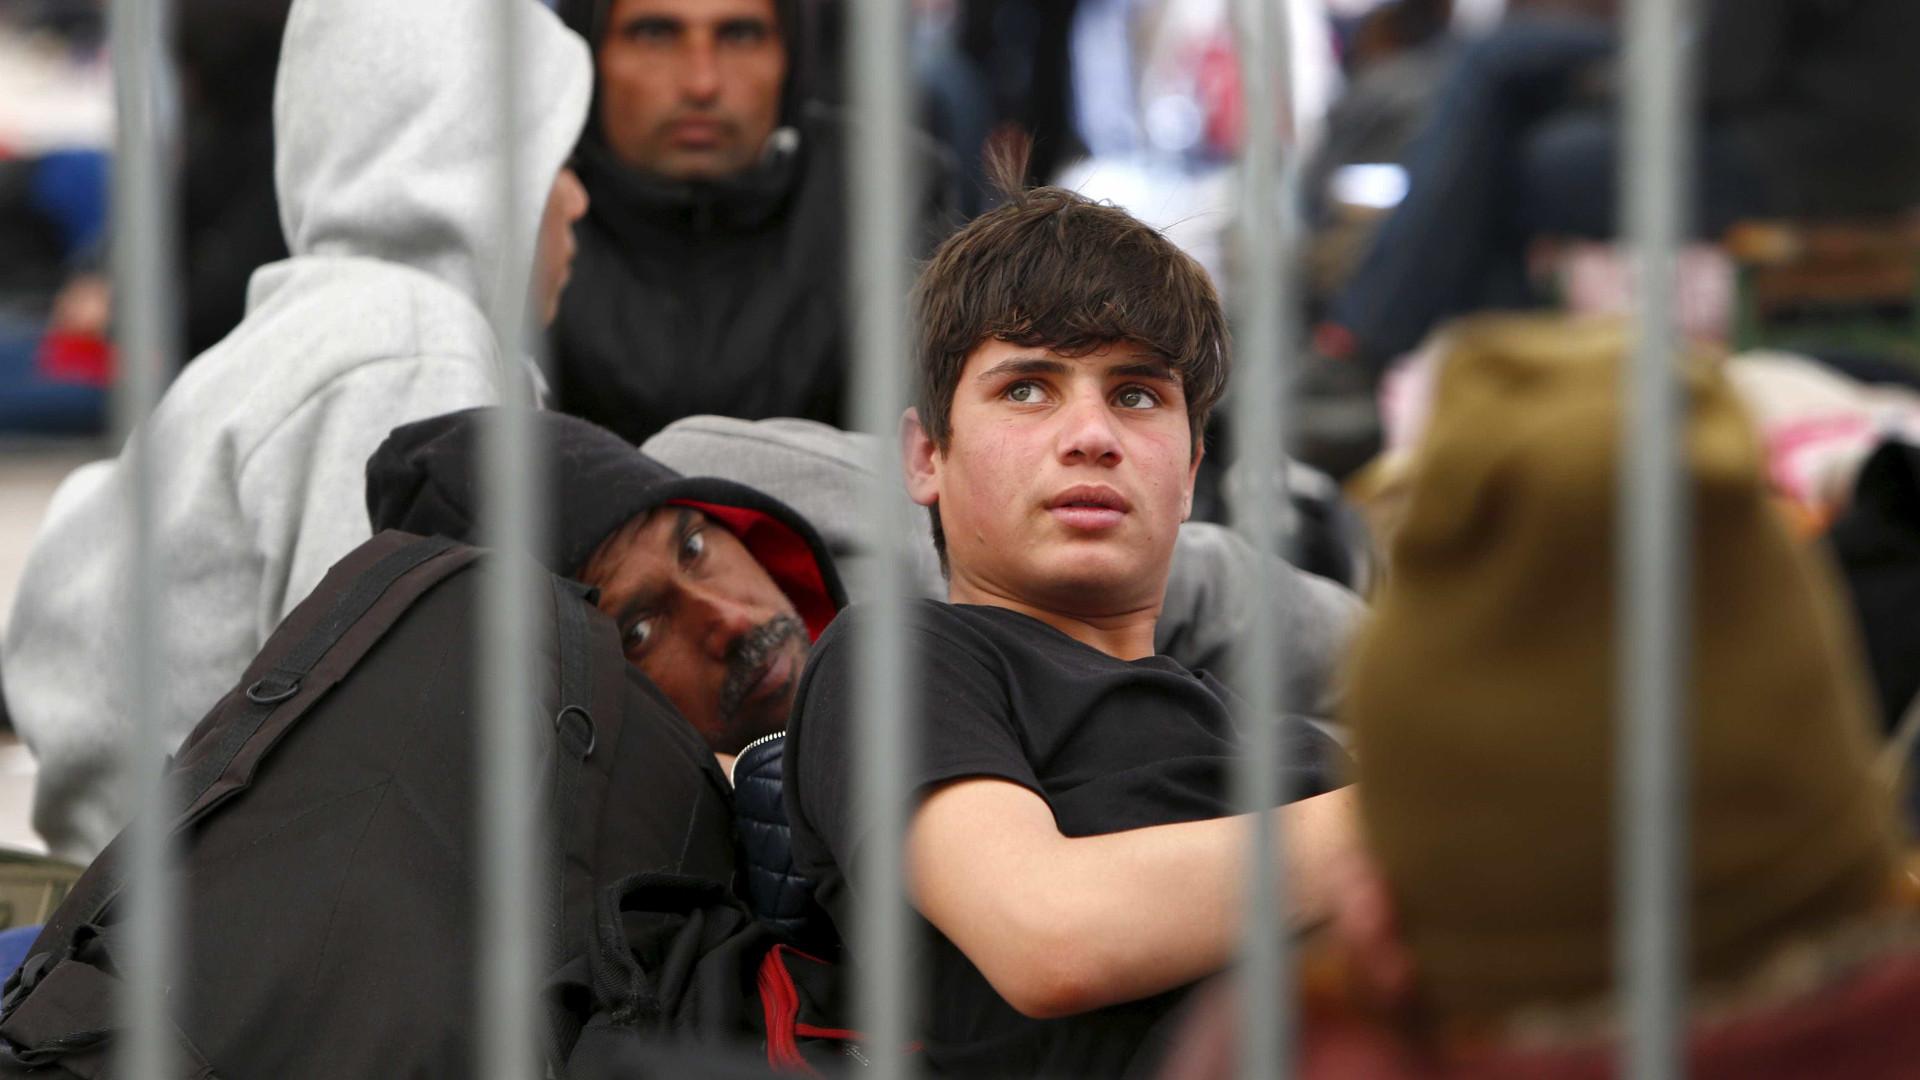 Cerca de 18 mil migrantes chegaram à Europa por terra em 2018